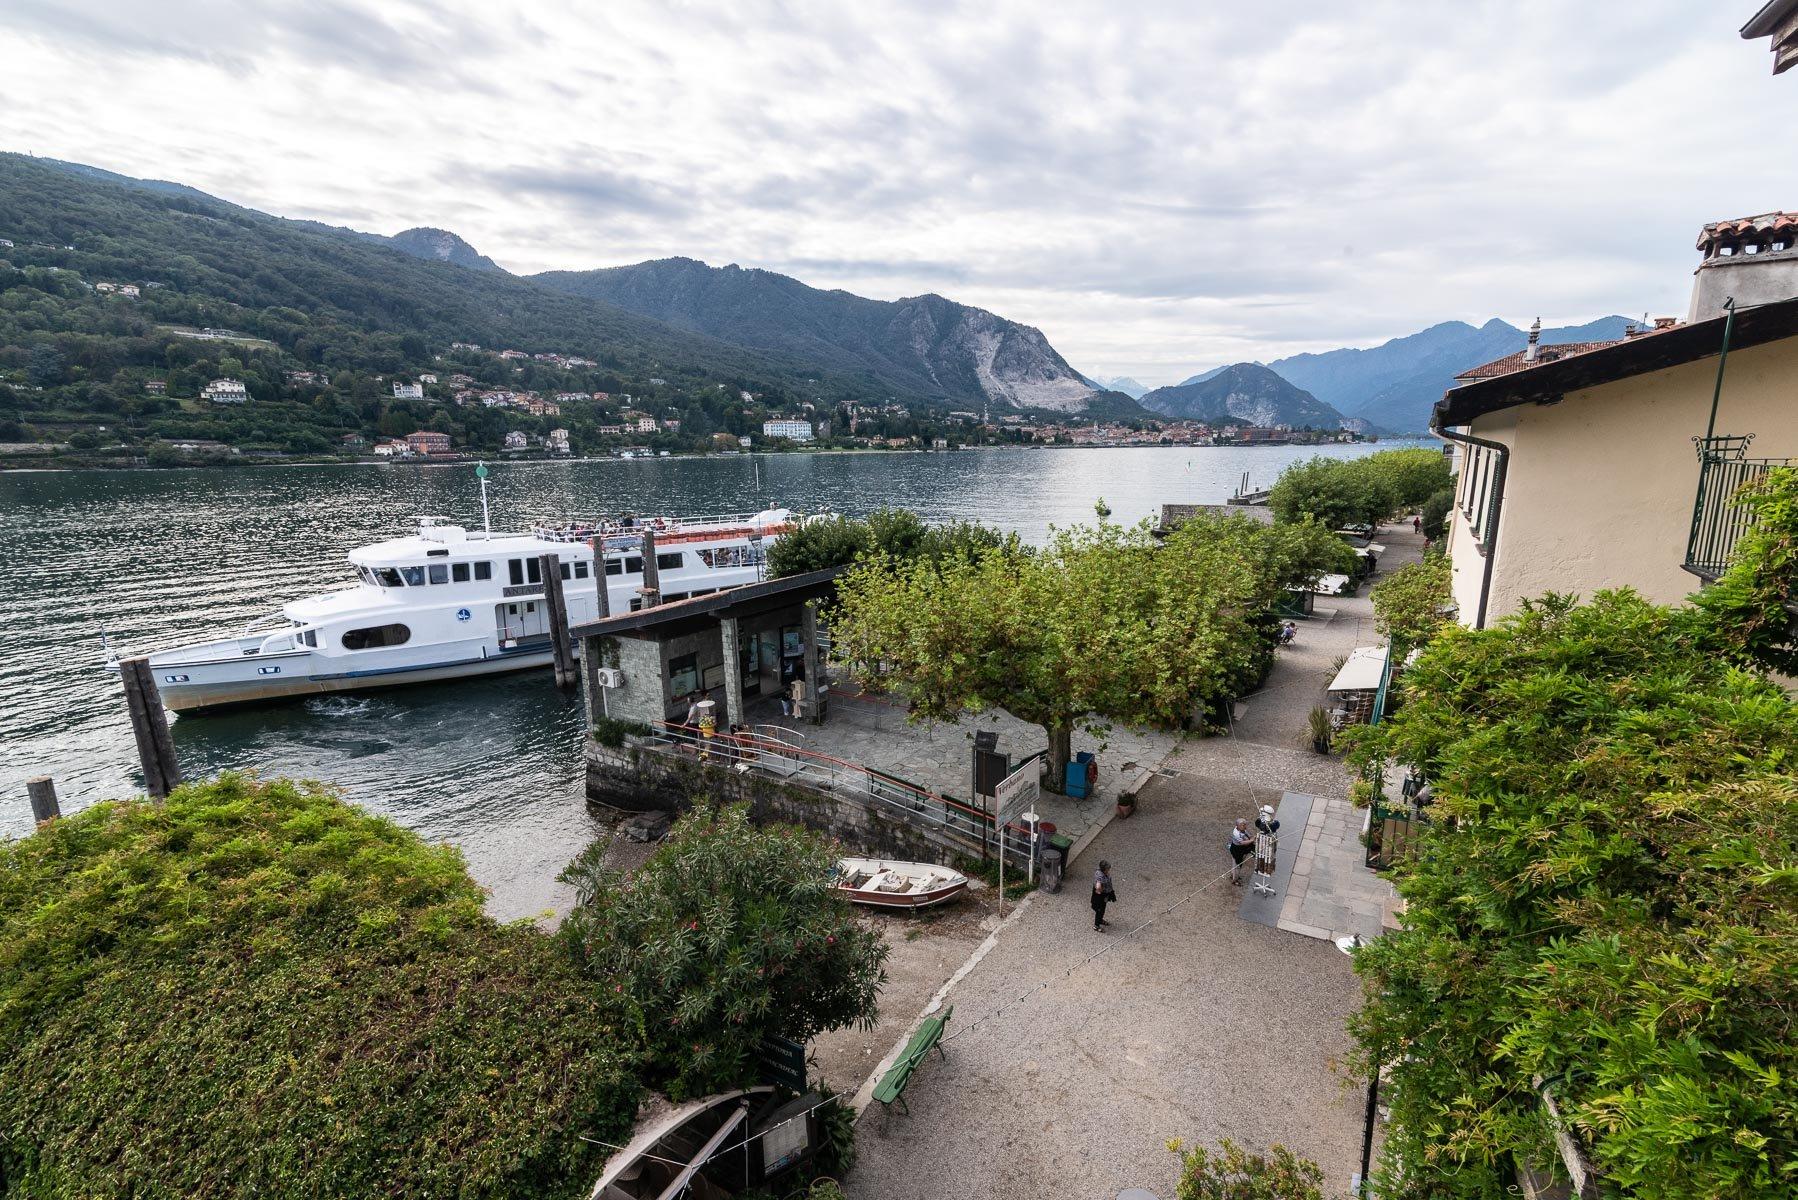 Apartment for sale in Pescatori island,Stresa-lake